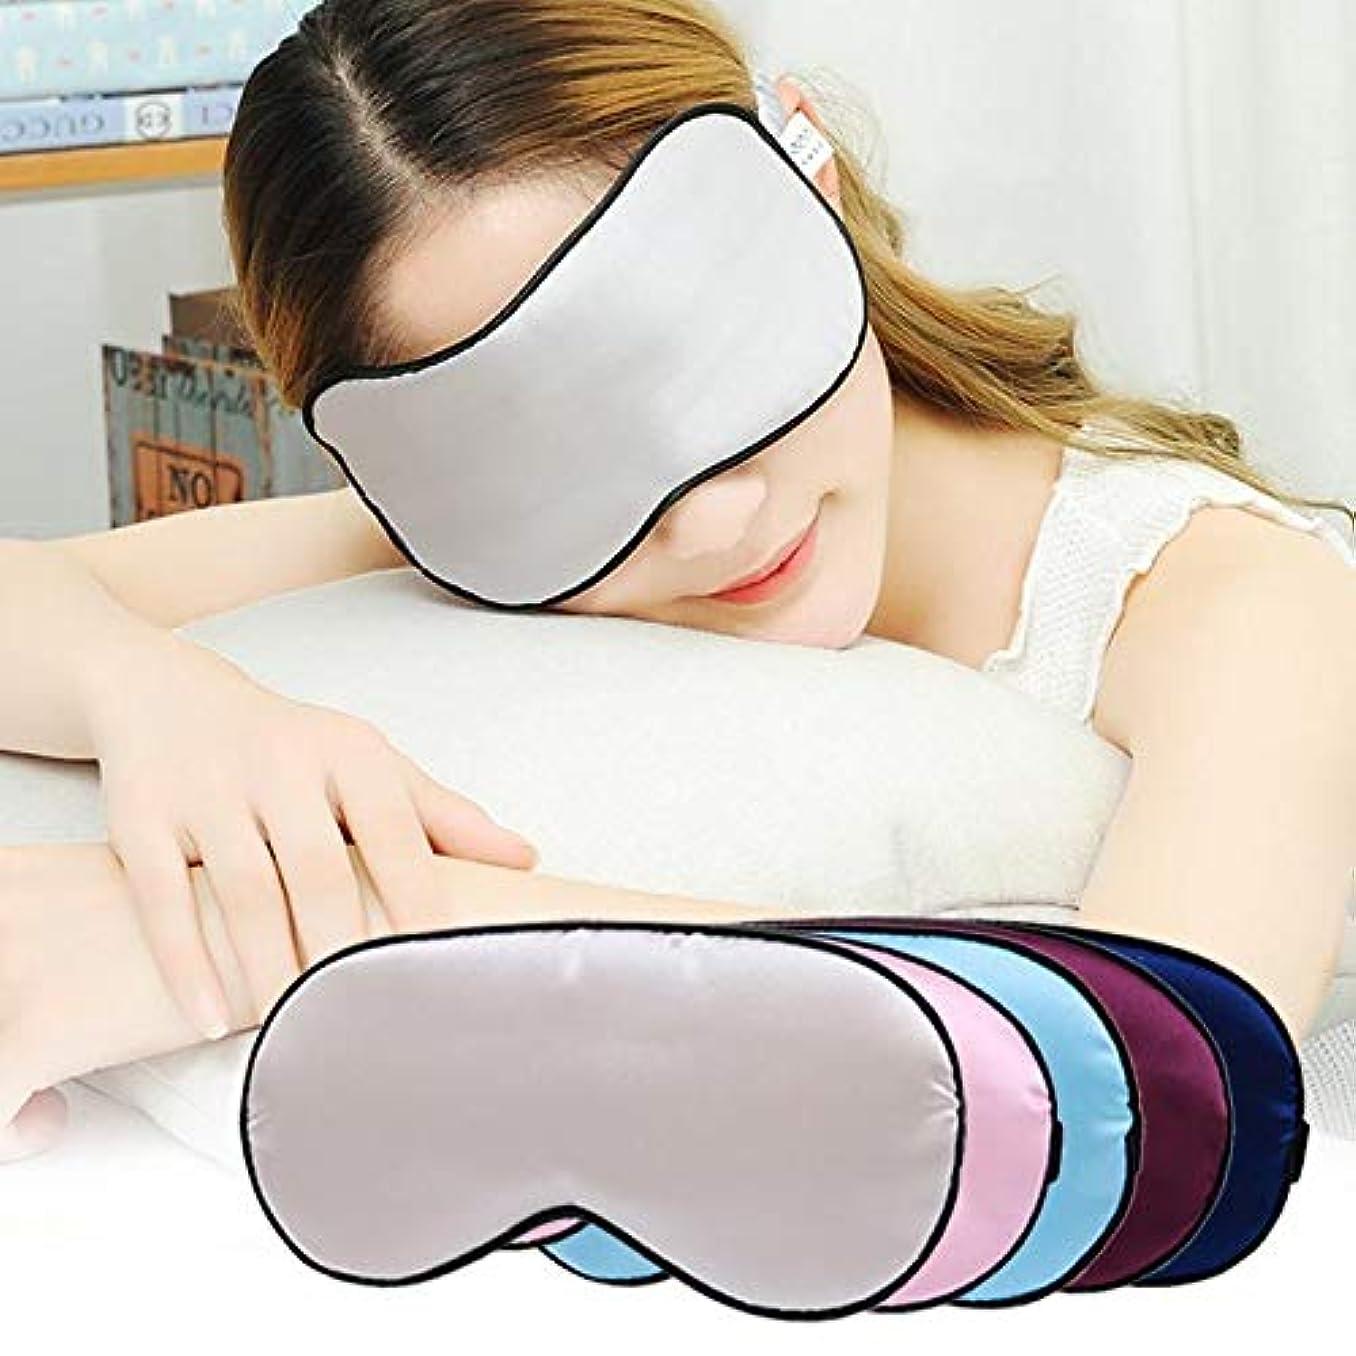 従者ファイバエンジニアリング注睡眠中のシルクアイマスク旅行リラックス補助目隠し両面シェーディングゴーグルソフトスリーピングアイシェードカバーアイマスクL45